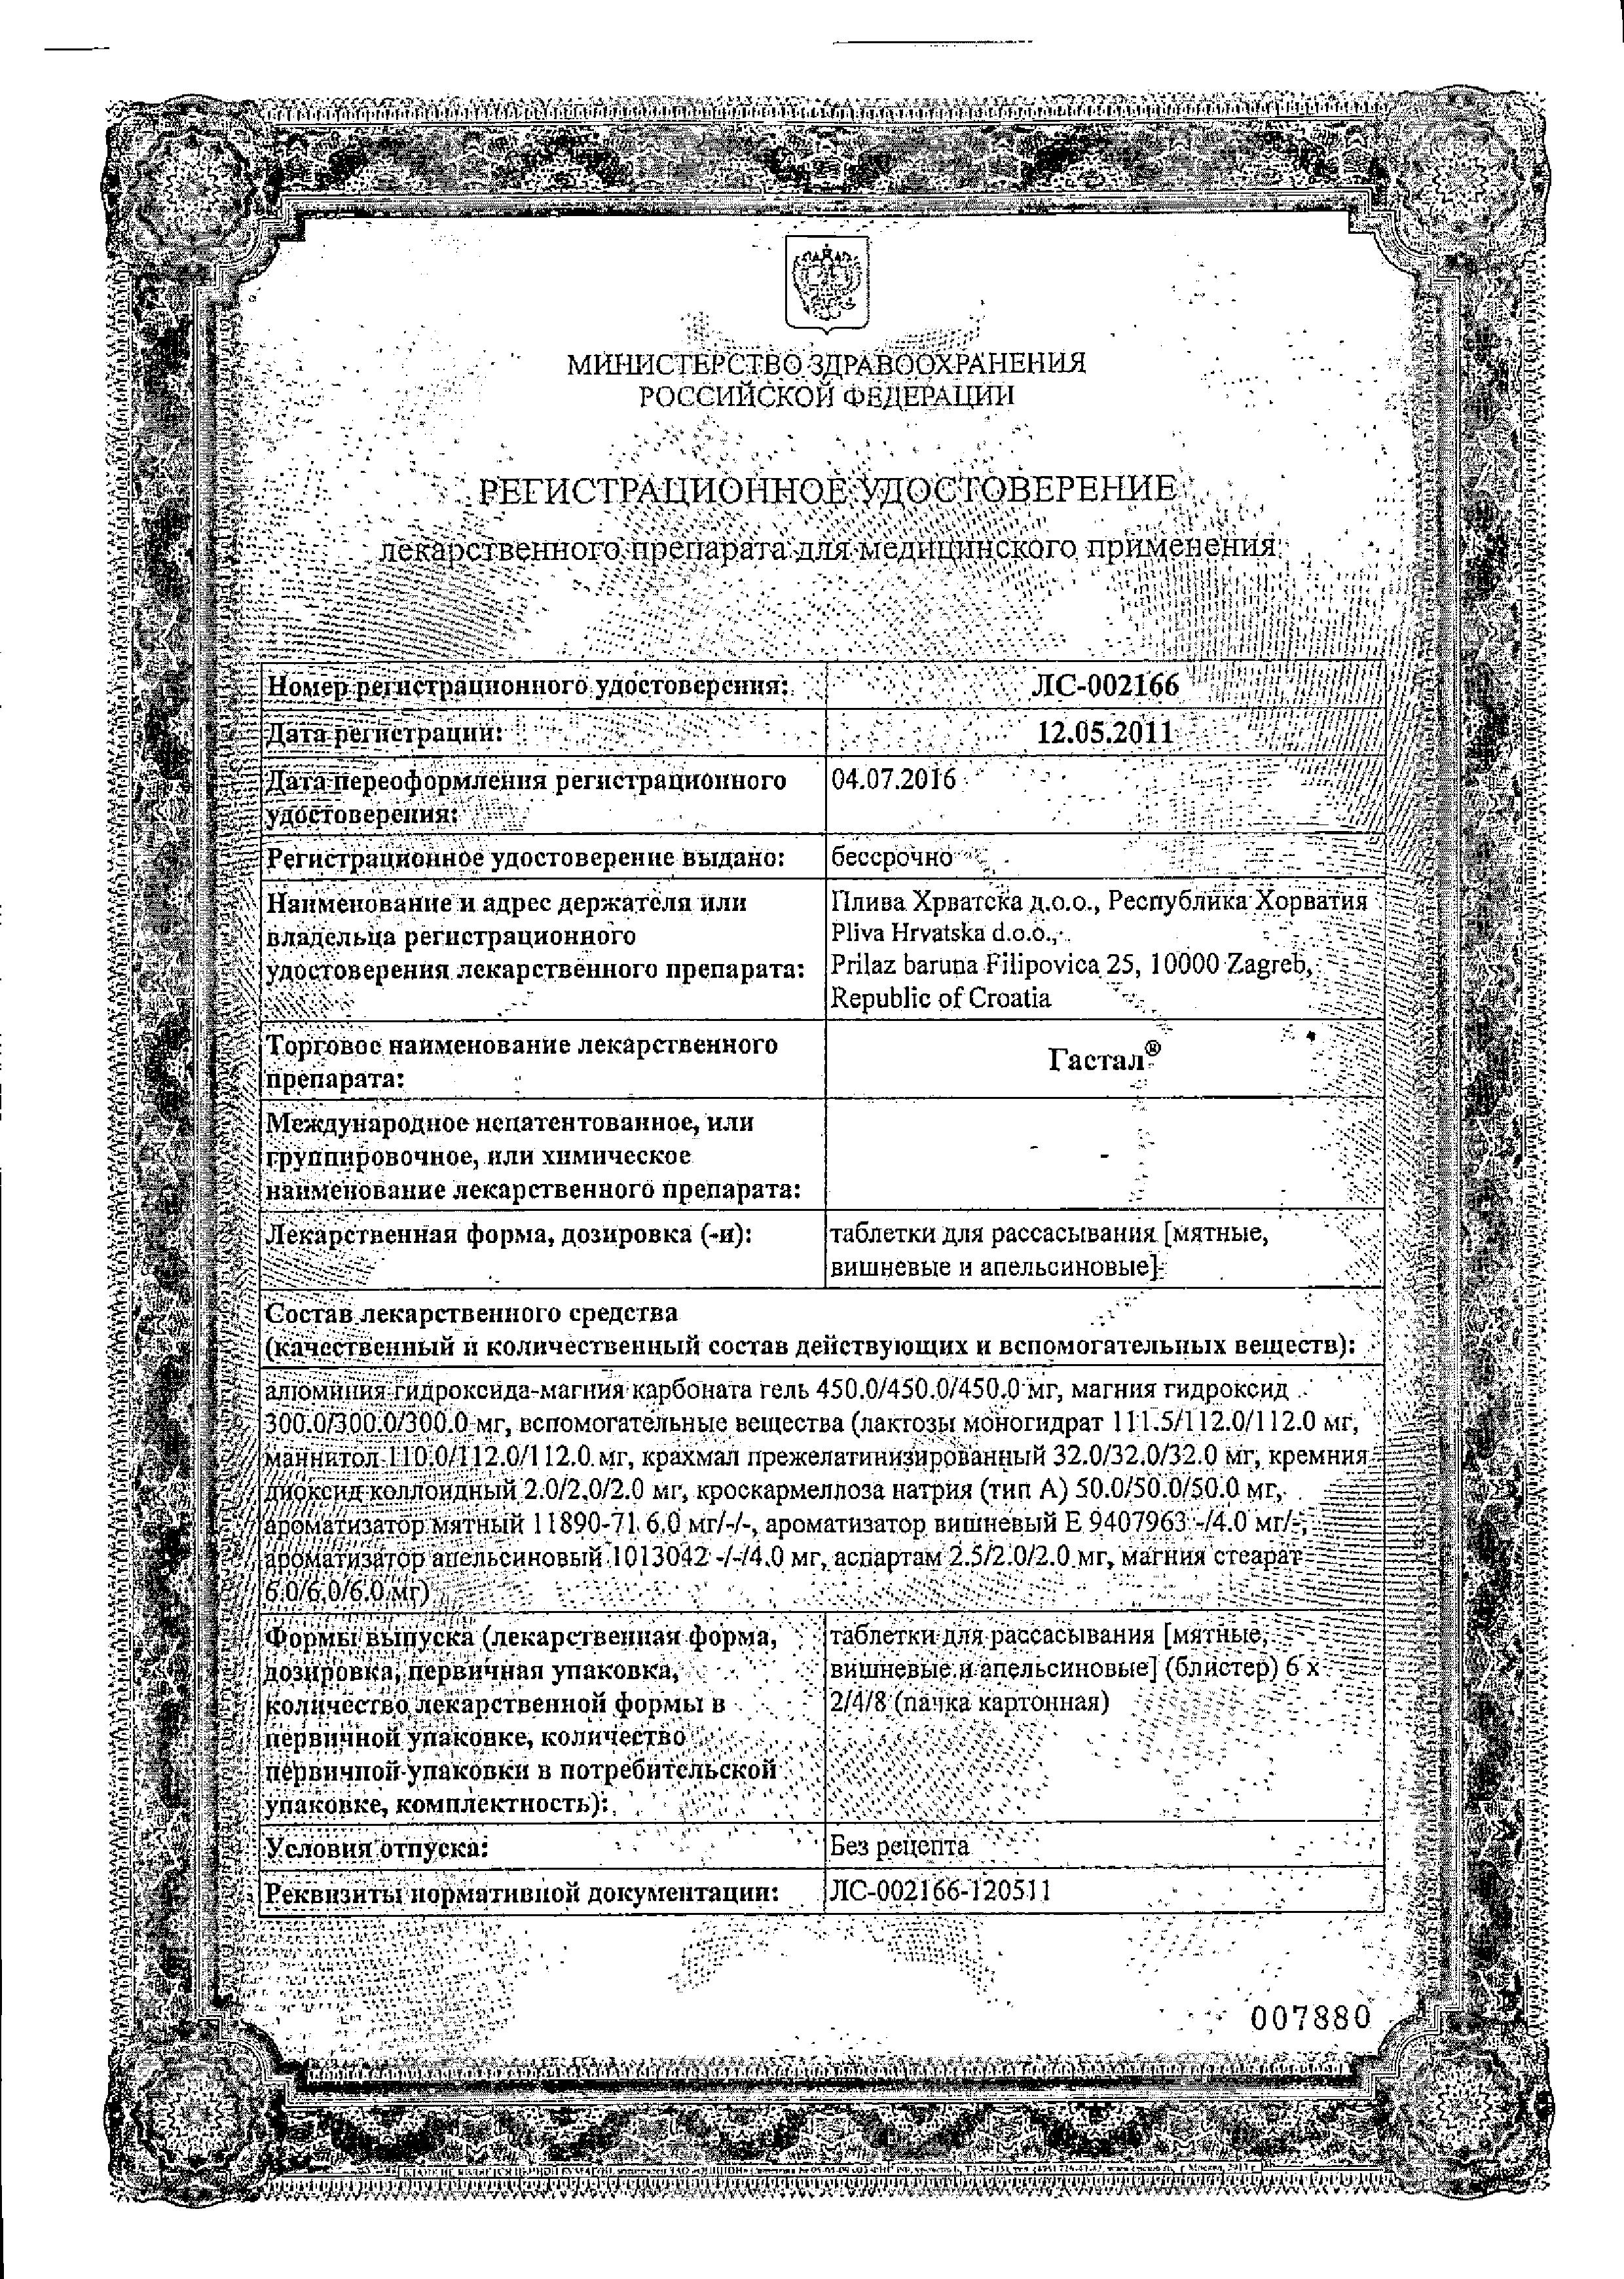 Гастал сертификат